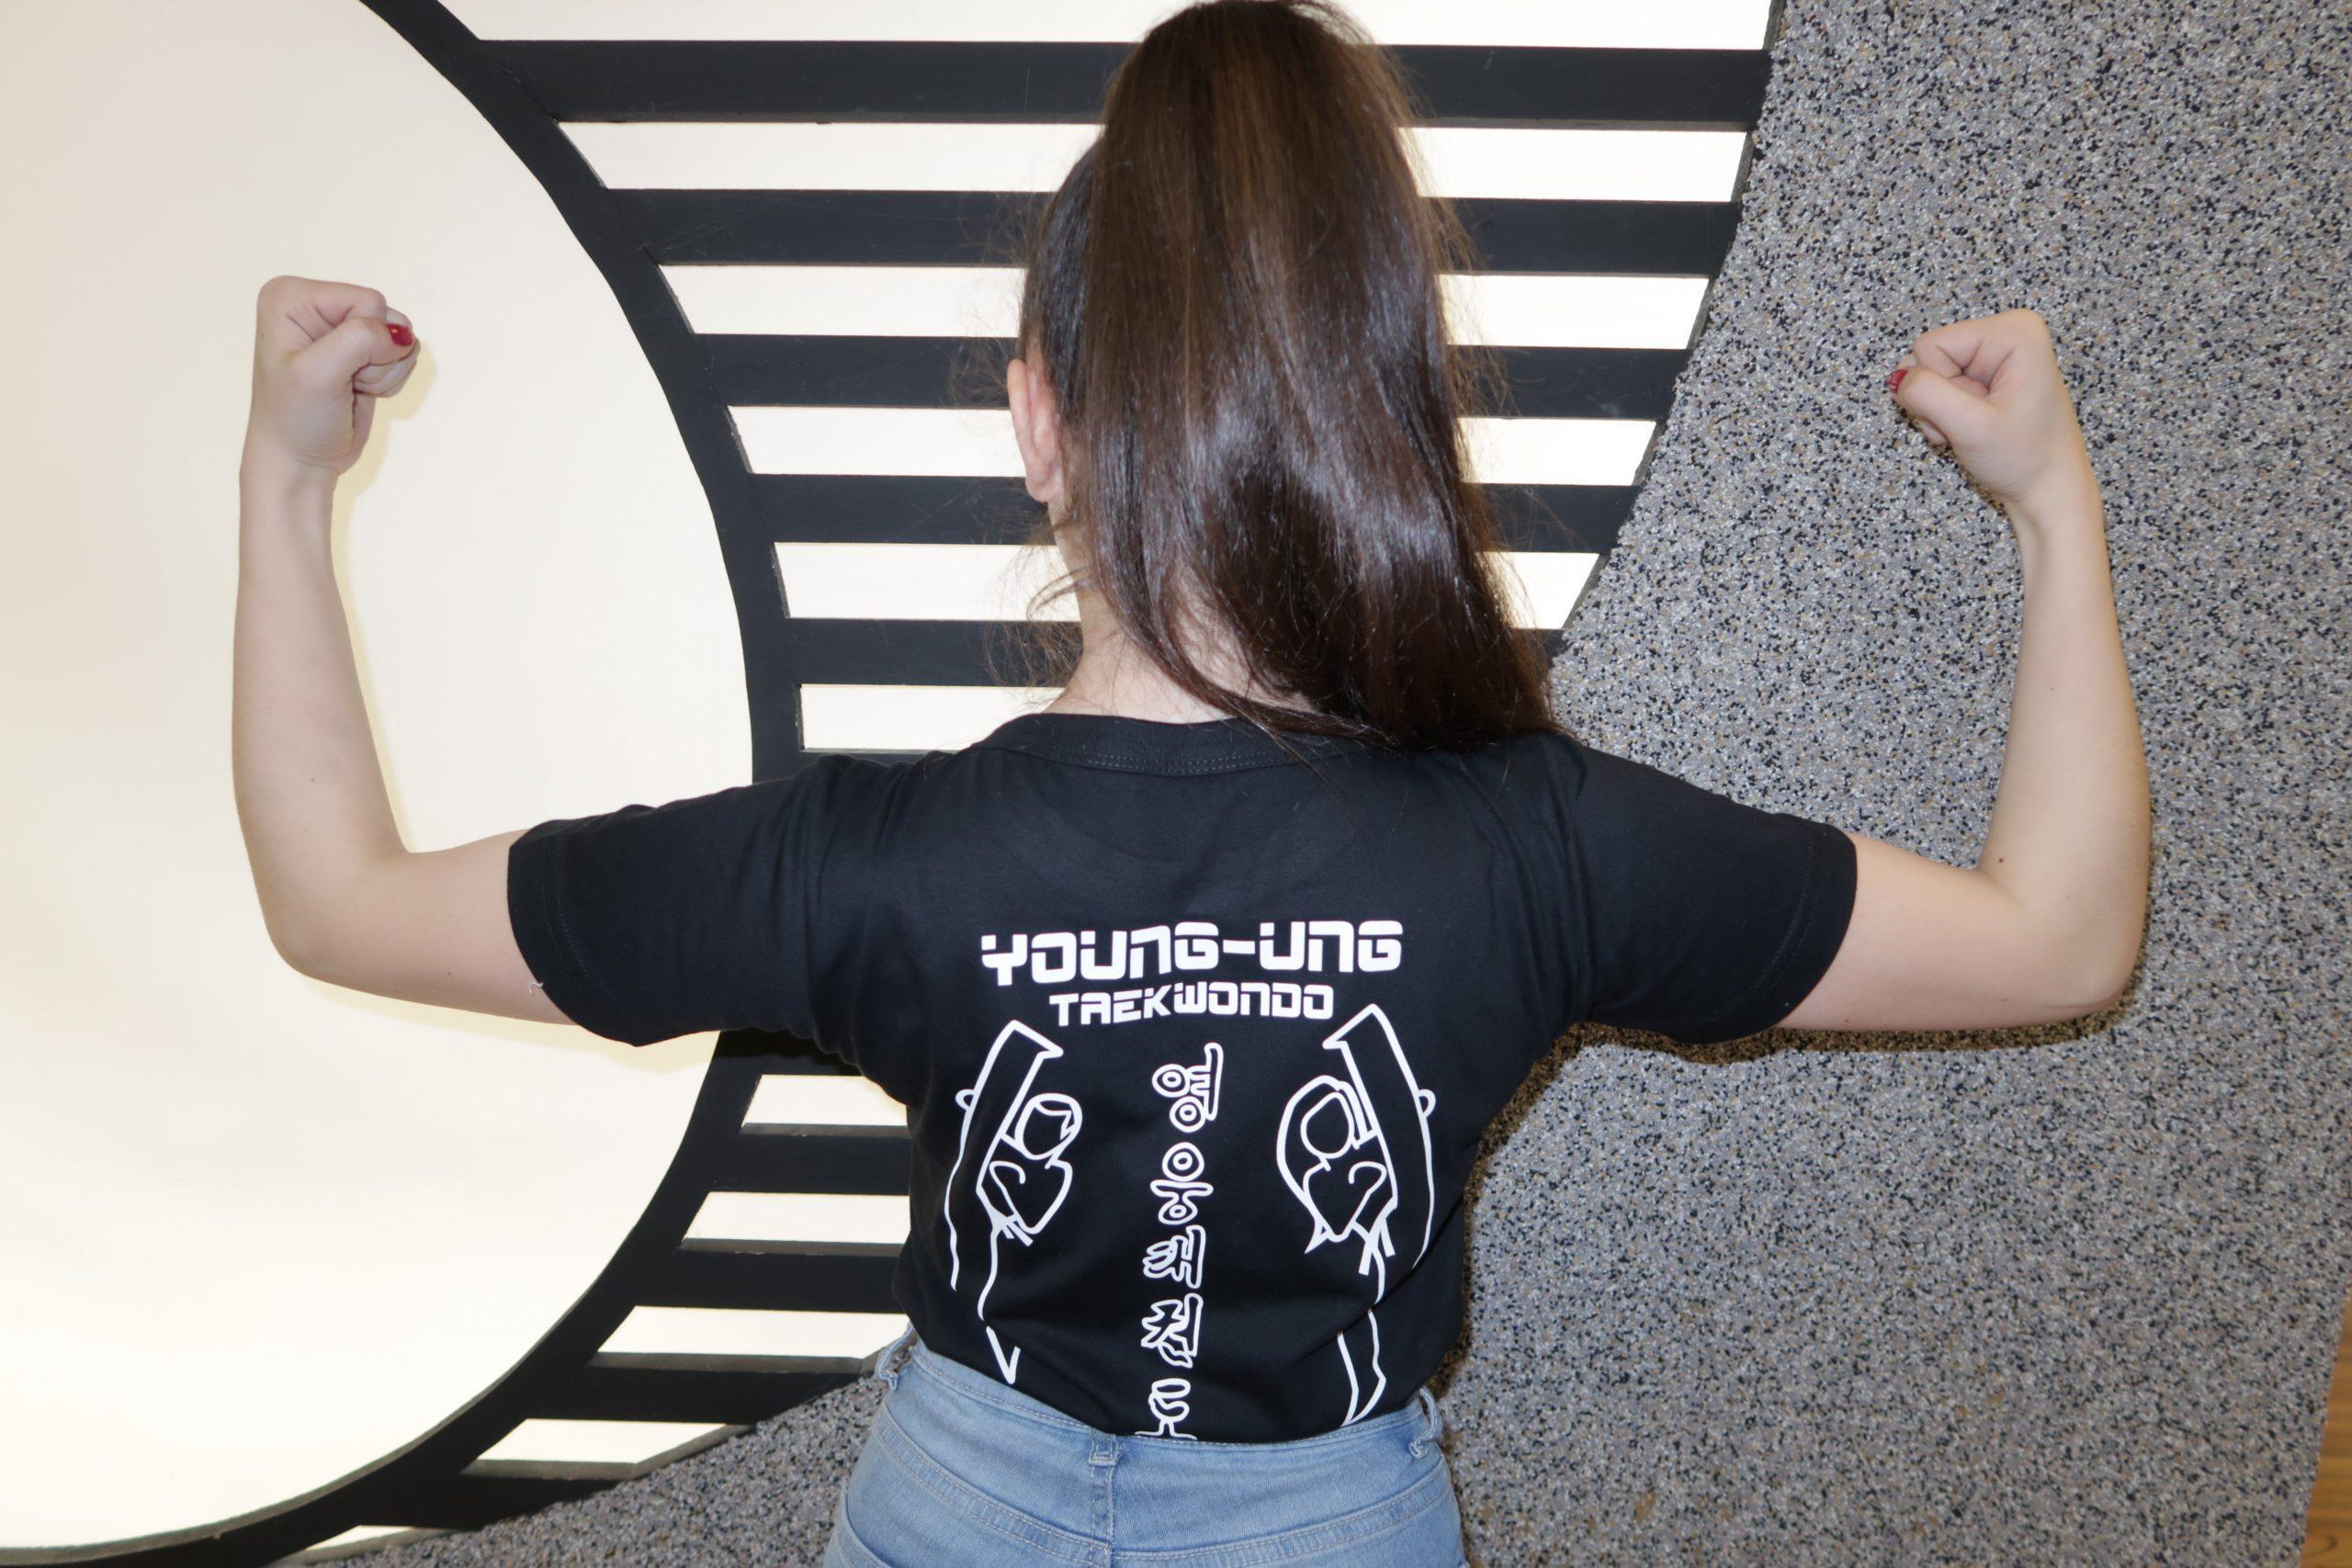 YU-T-Shirts, neu, Shirts, Schwarz-weiß,black, white, Logo,YOUNG-UNG Taekwondo